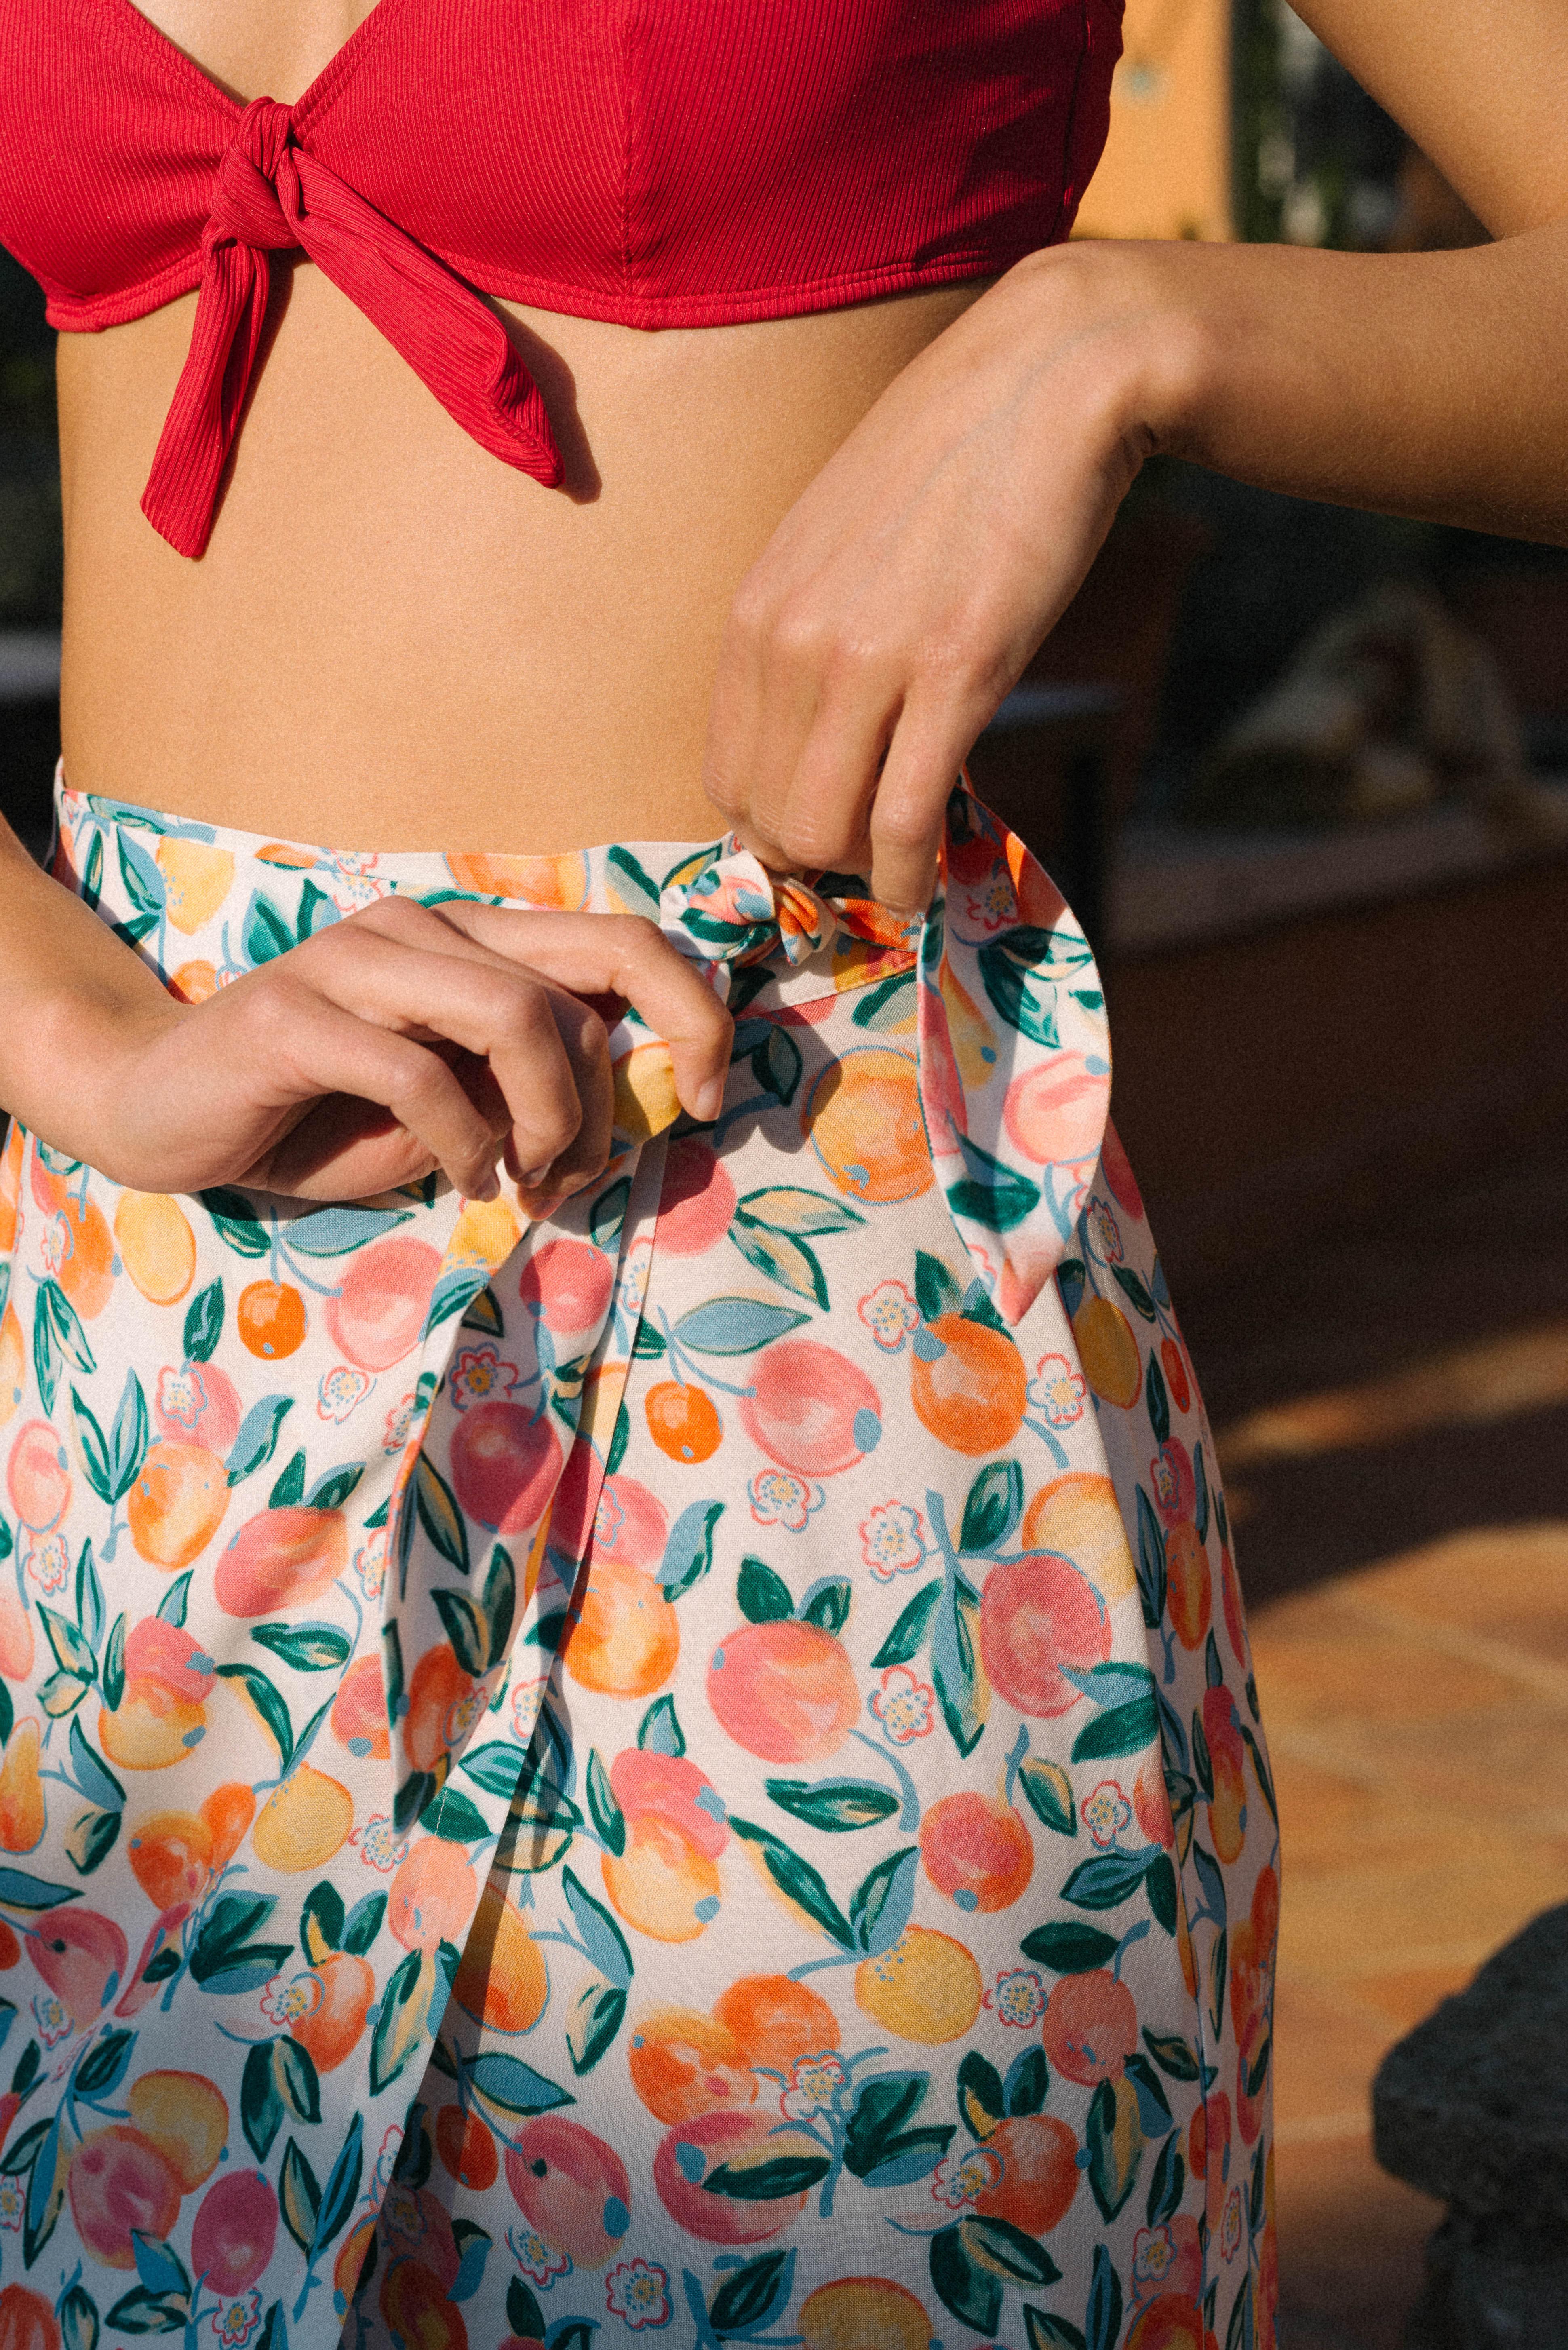 Skirt Voyage légerTutti frutti print